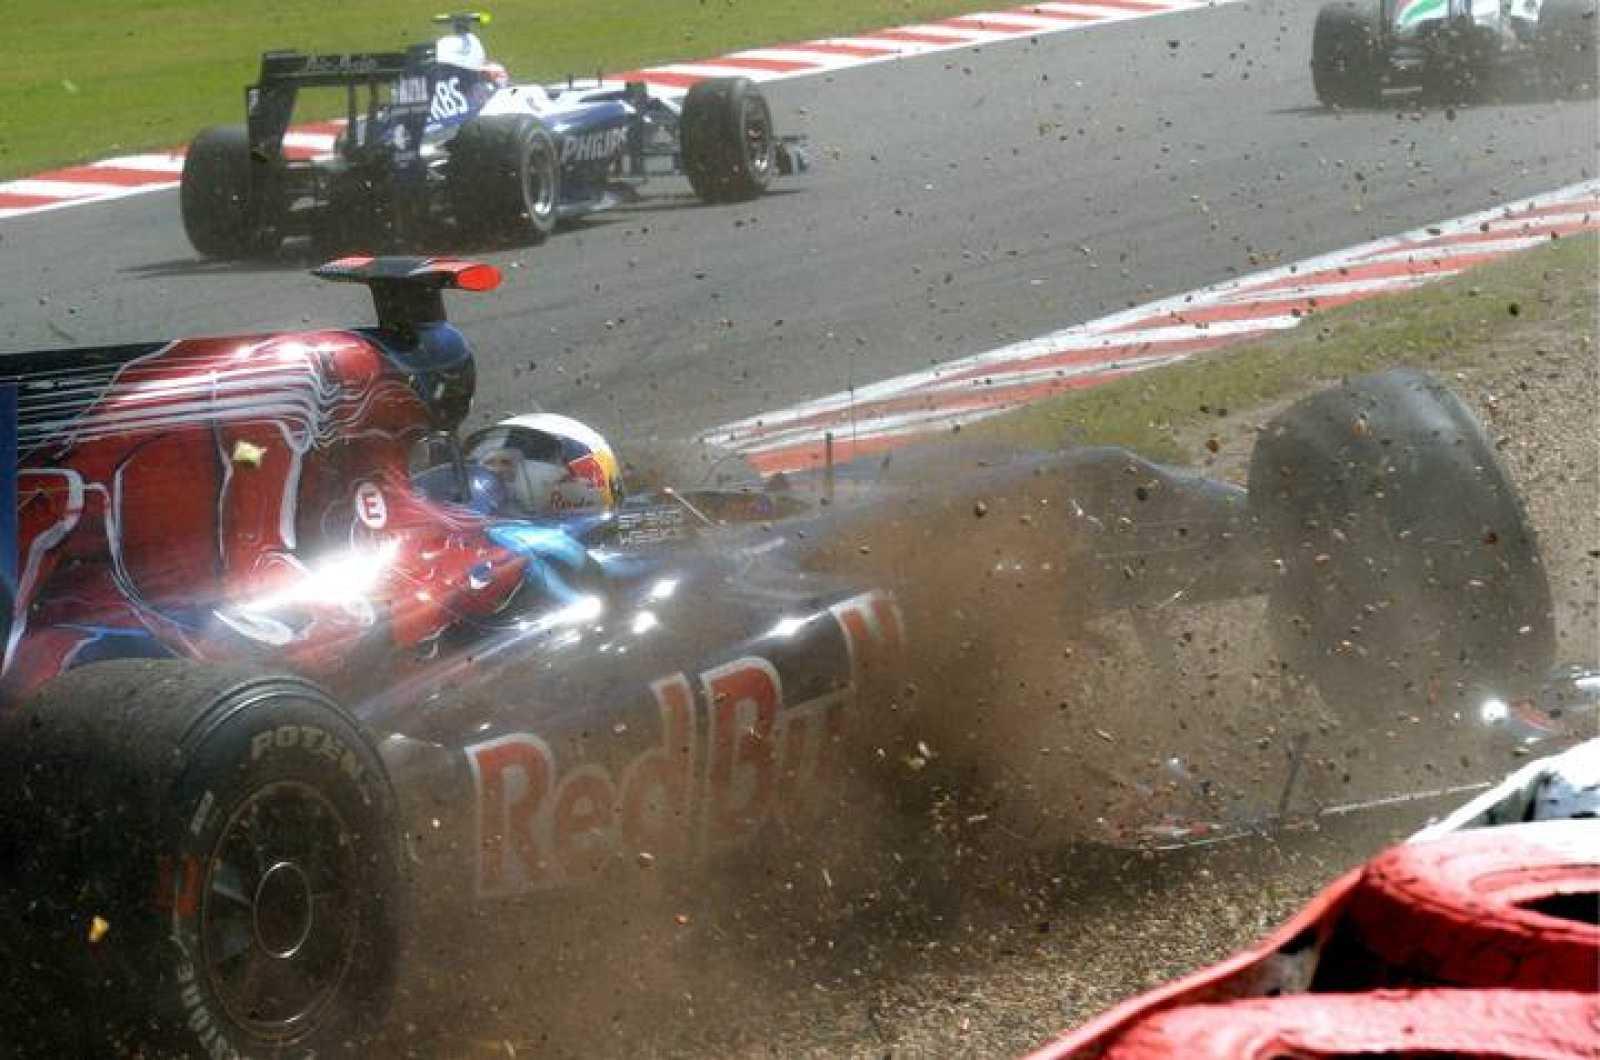 El piloto español de Fórmula Uno Jaime Alguersuari de la escudería Toro Rosso se sale de la pista durante el Gran Premio de Bélgica.